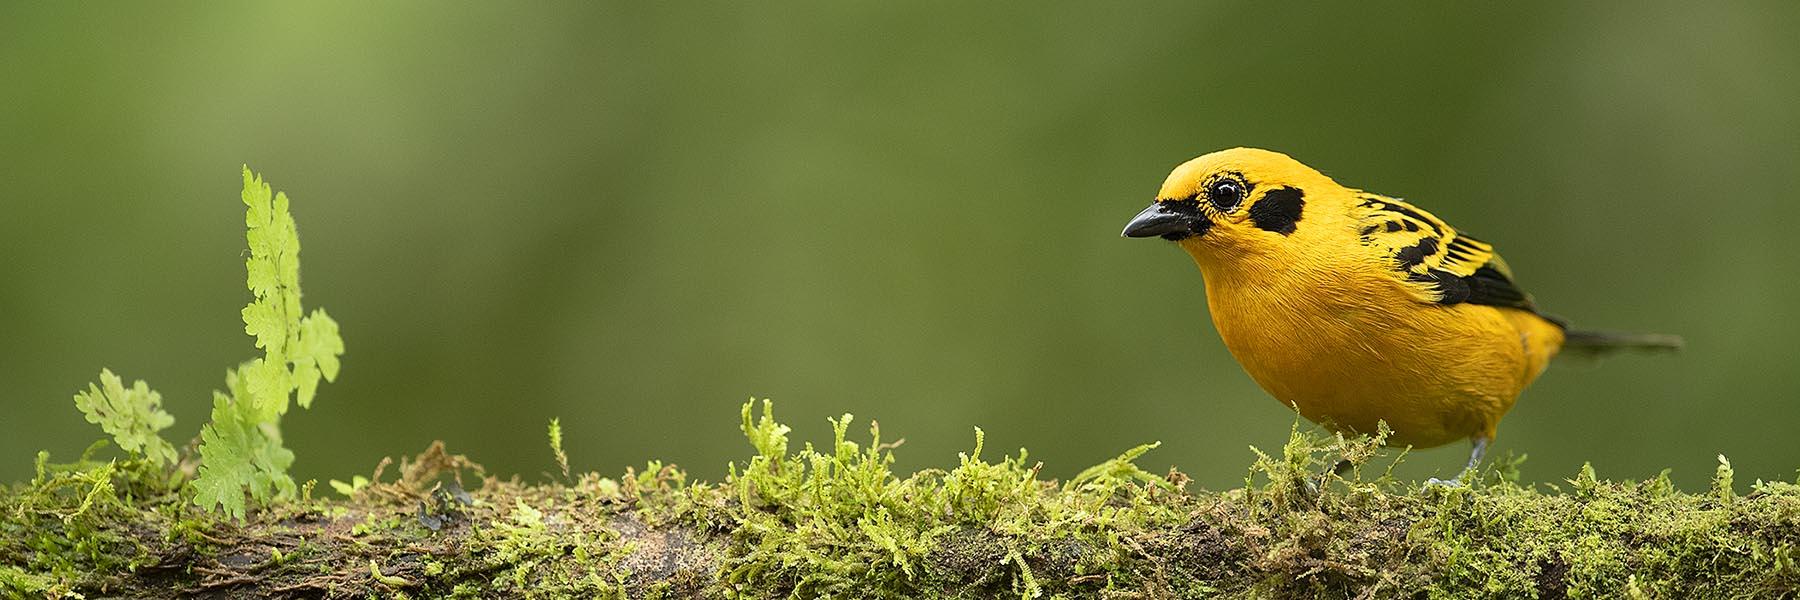 Ecuador Bird Photography Tour